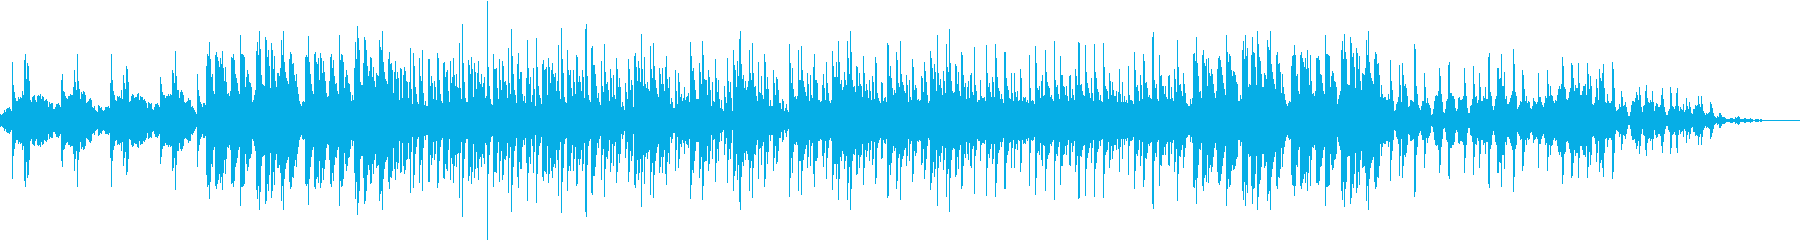 憂いのラテン風BGMの再生済みの波形